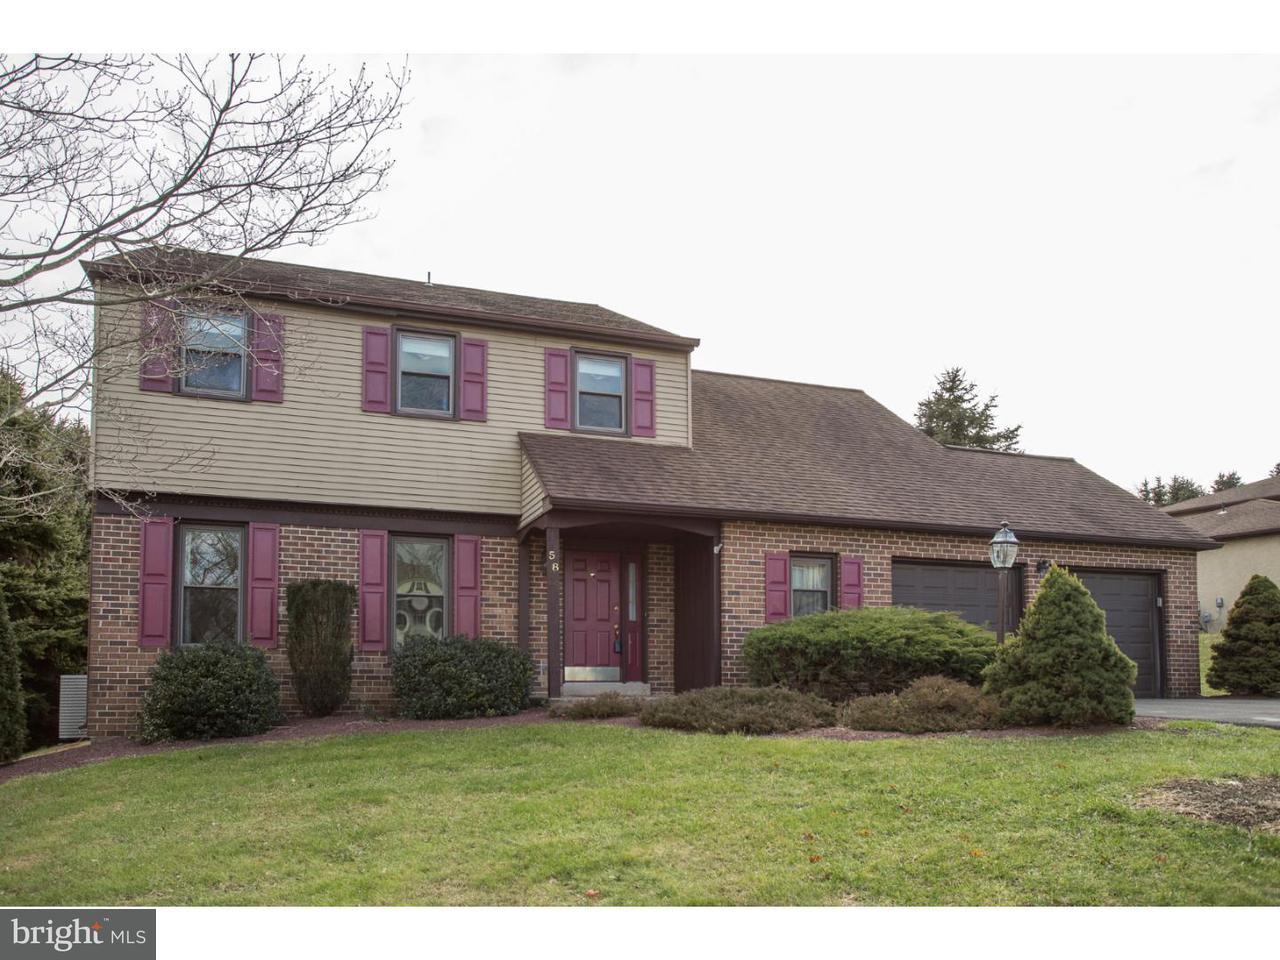 Частный односемейный дом для того Продажа на 58 WINTER Road Holland, Пенсильвания 18966 Соединенные Штаты